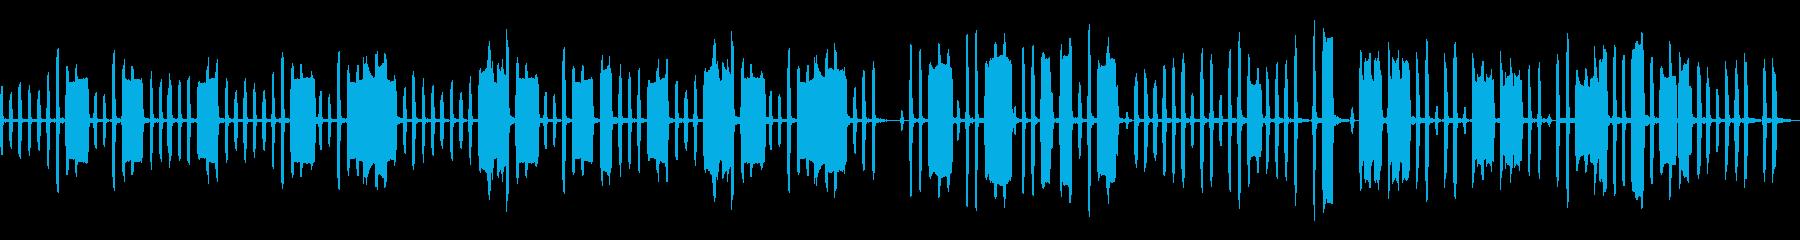 ほのぼのとしたリコーダーカルテットの再生済みの波形